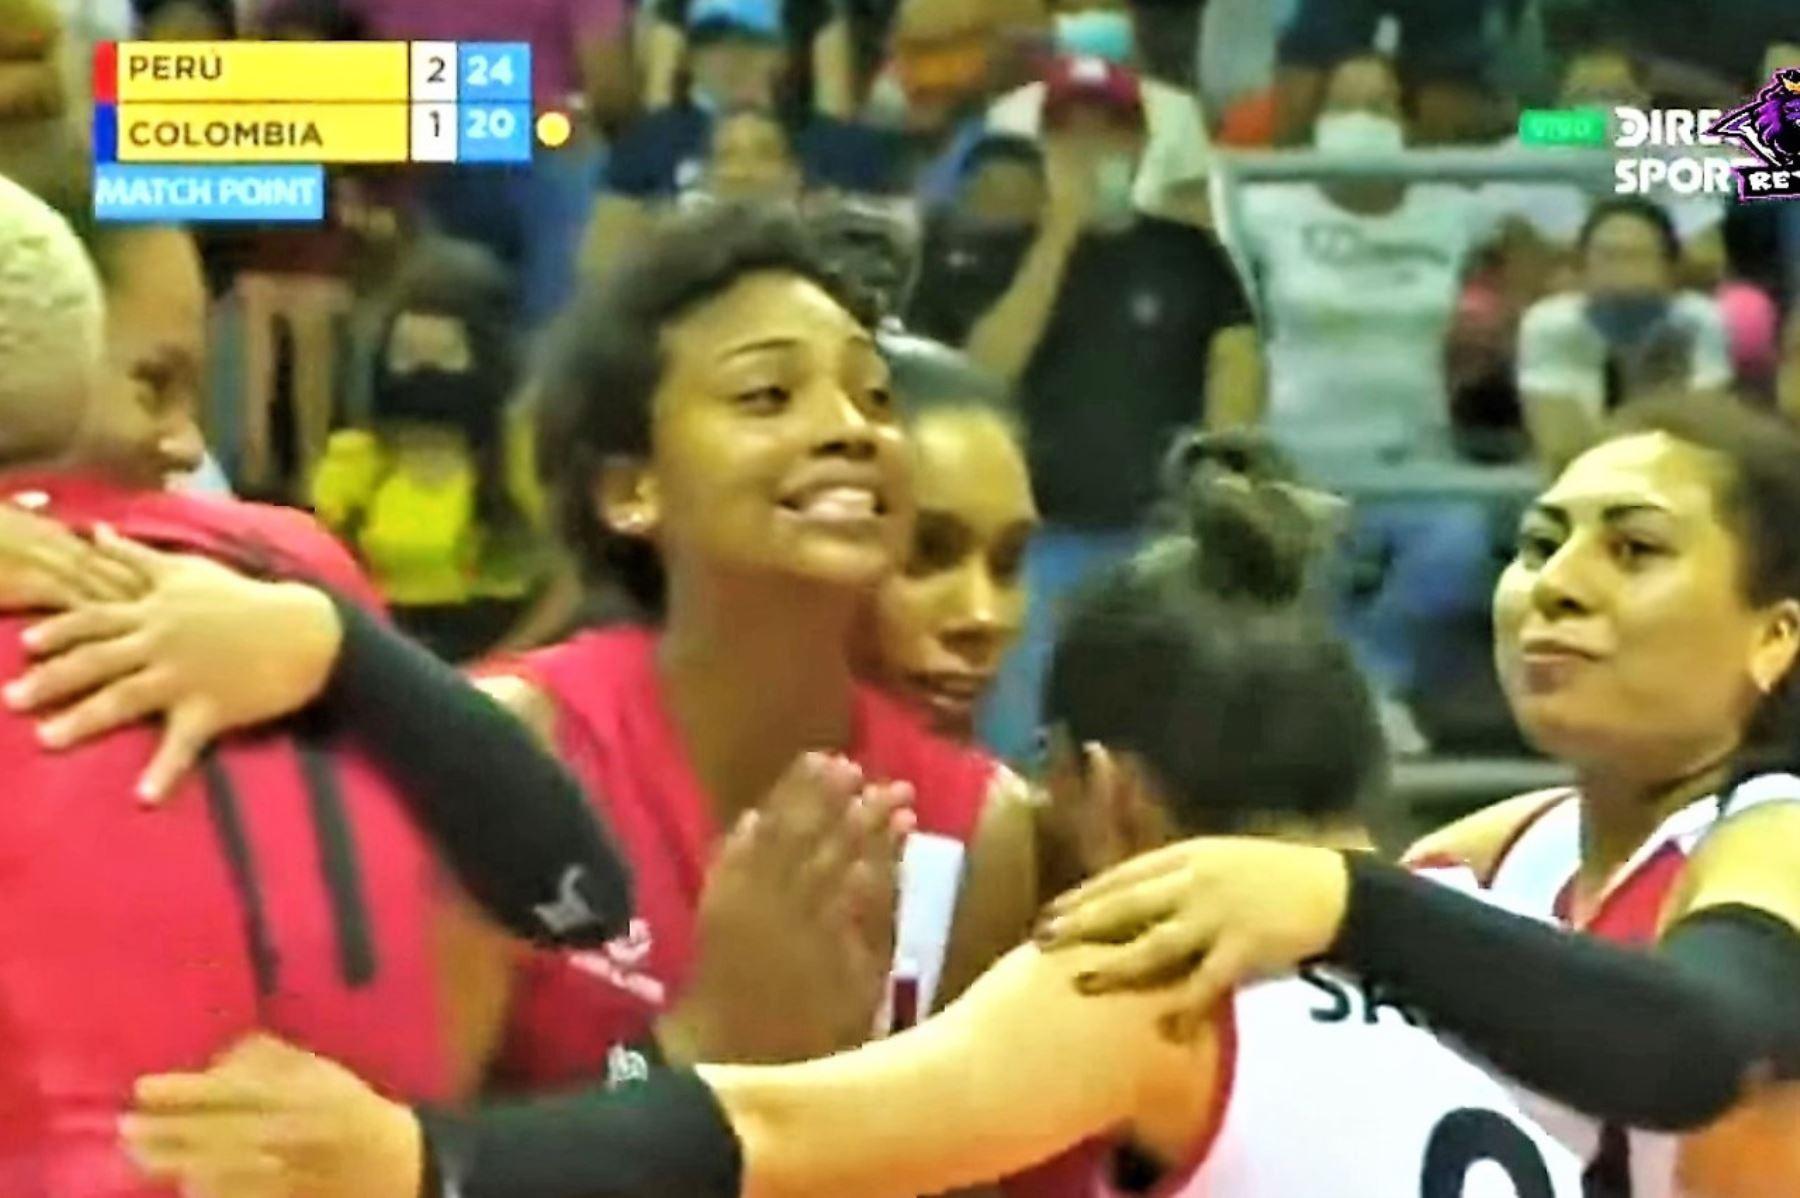 Perú logró su primera victoria en el campeonato. Foto: Captura TV